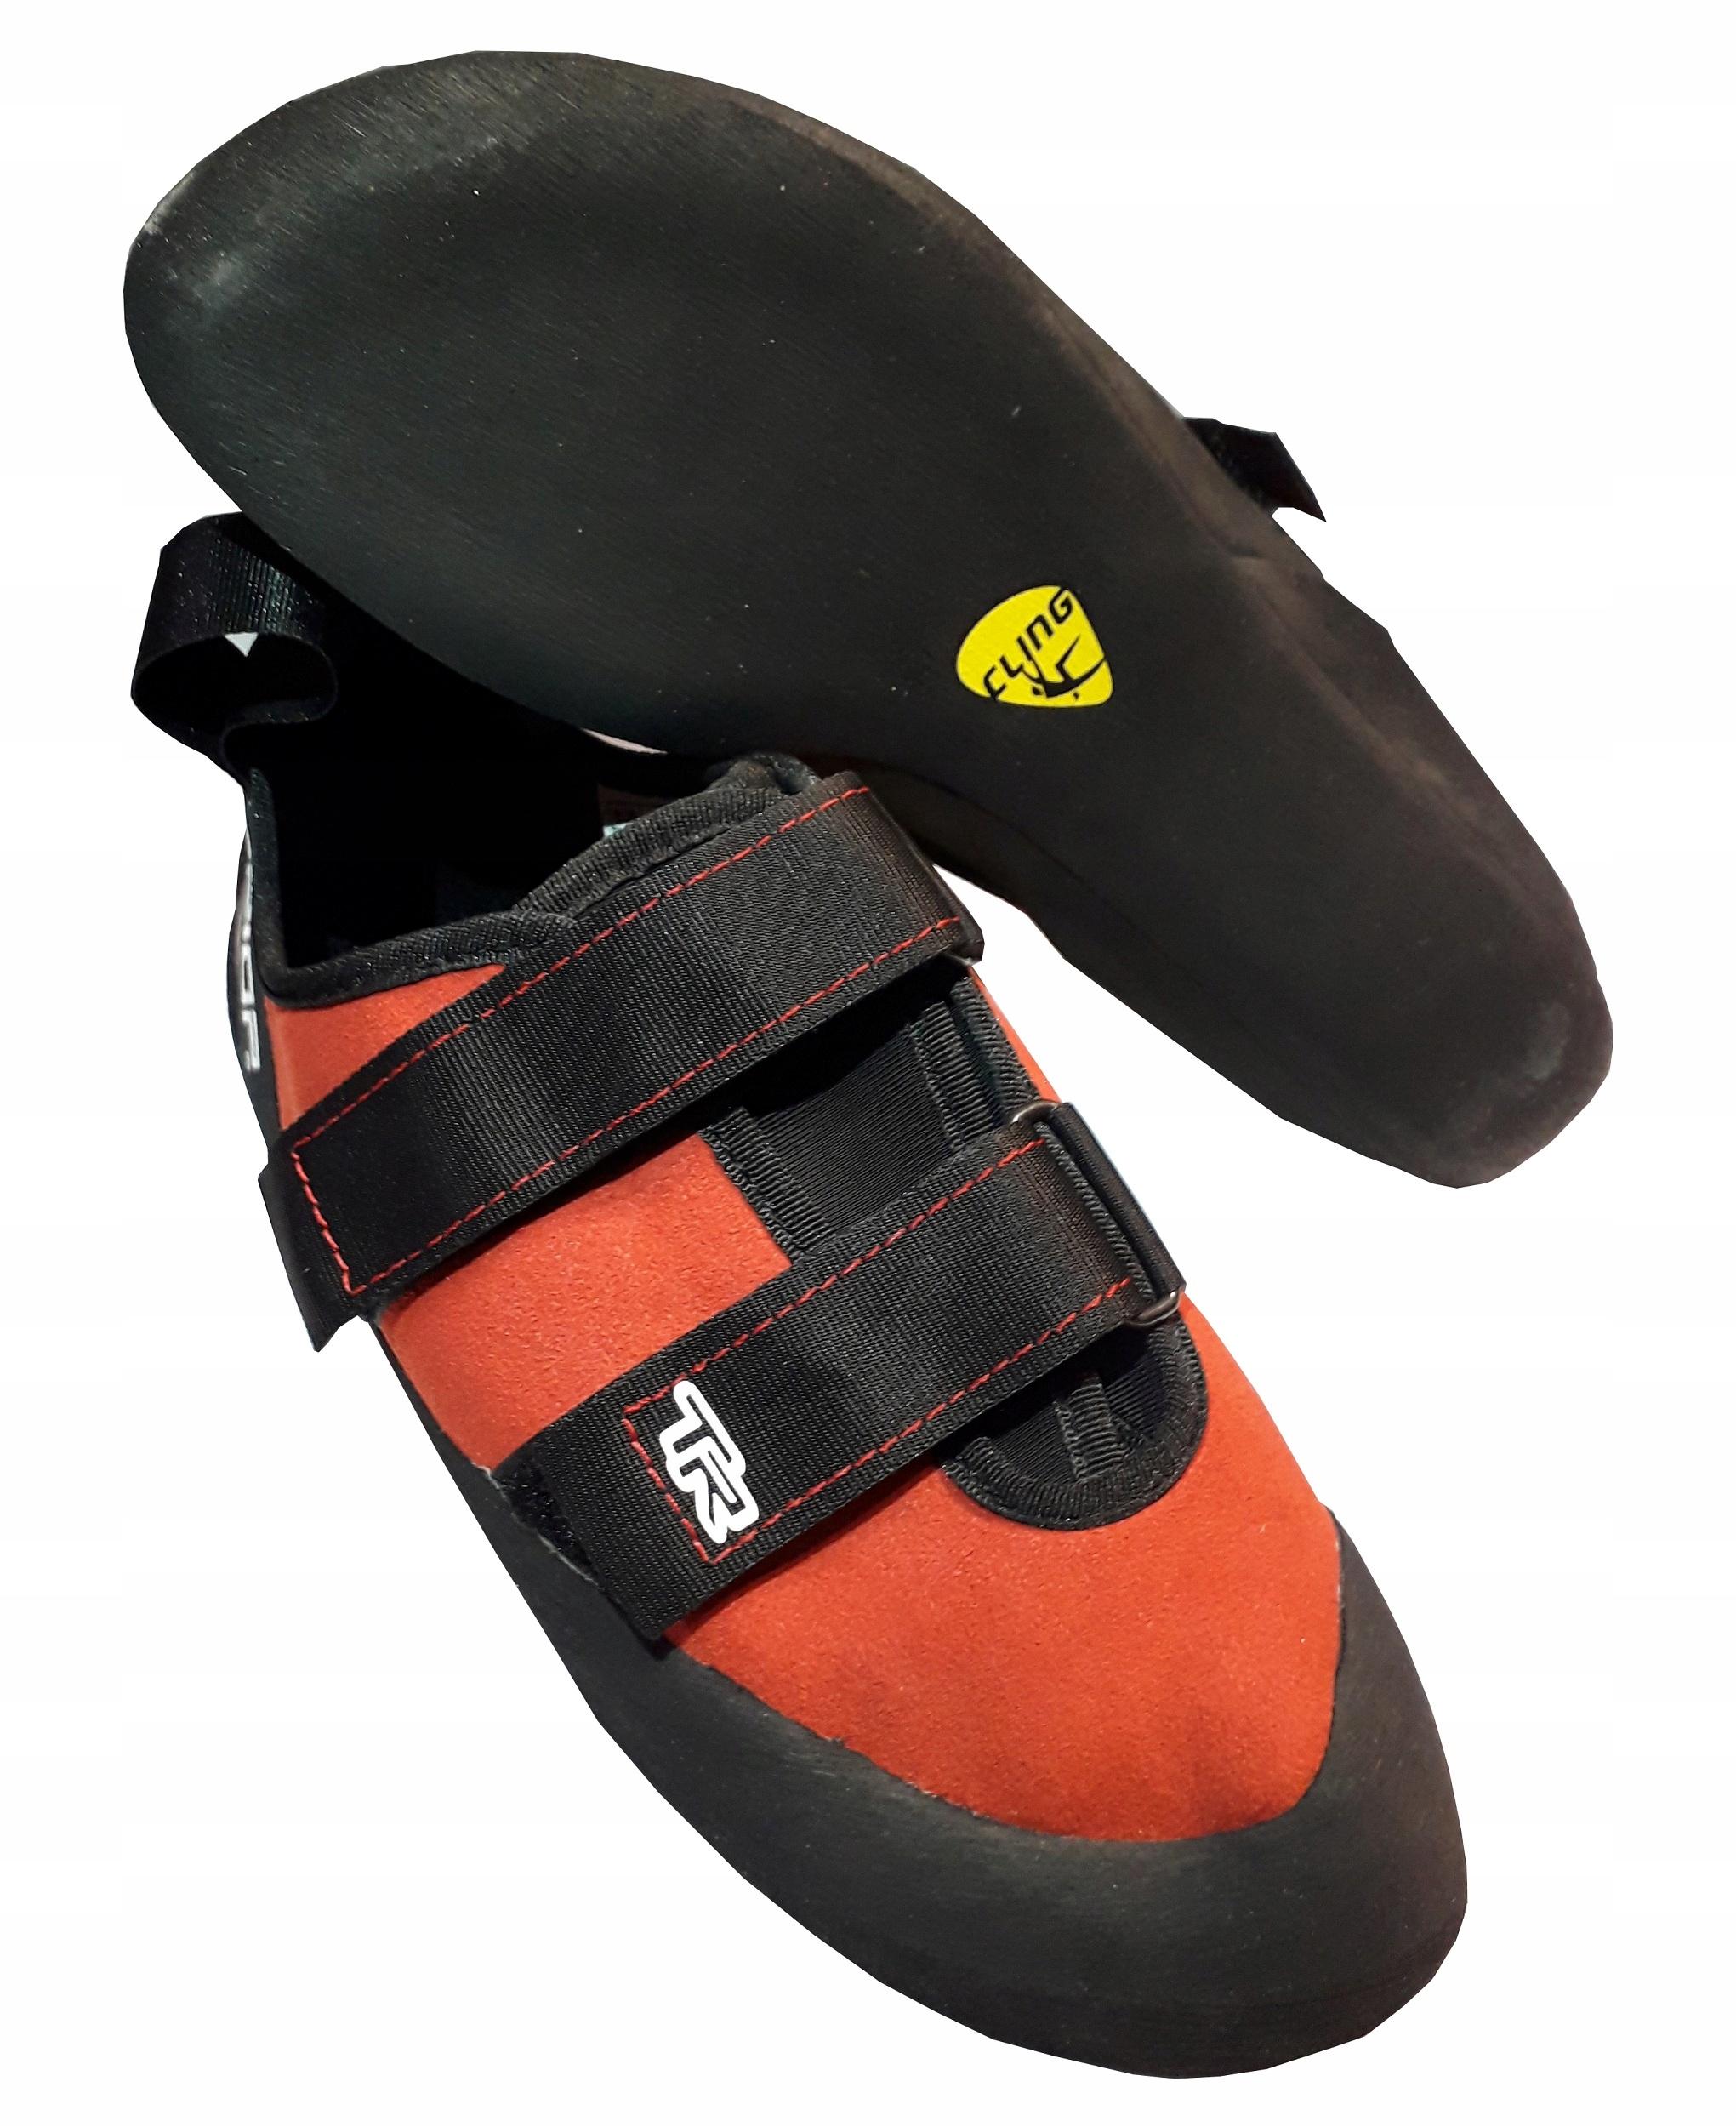 Buty wspinaczkowe TRIOP Splash rozm. 46